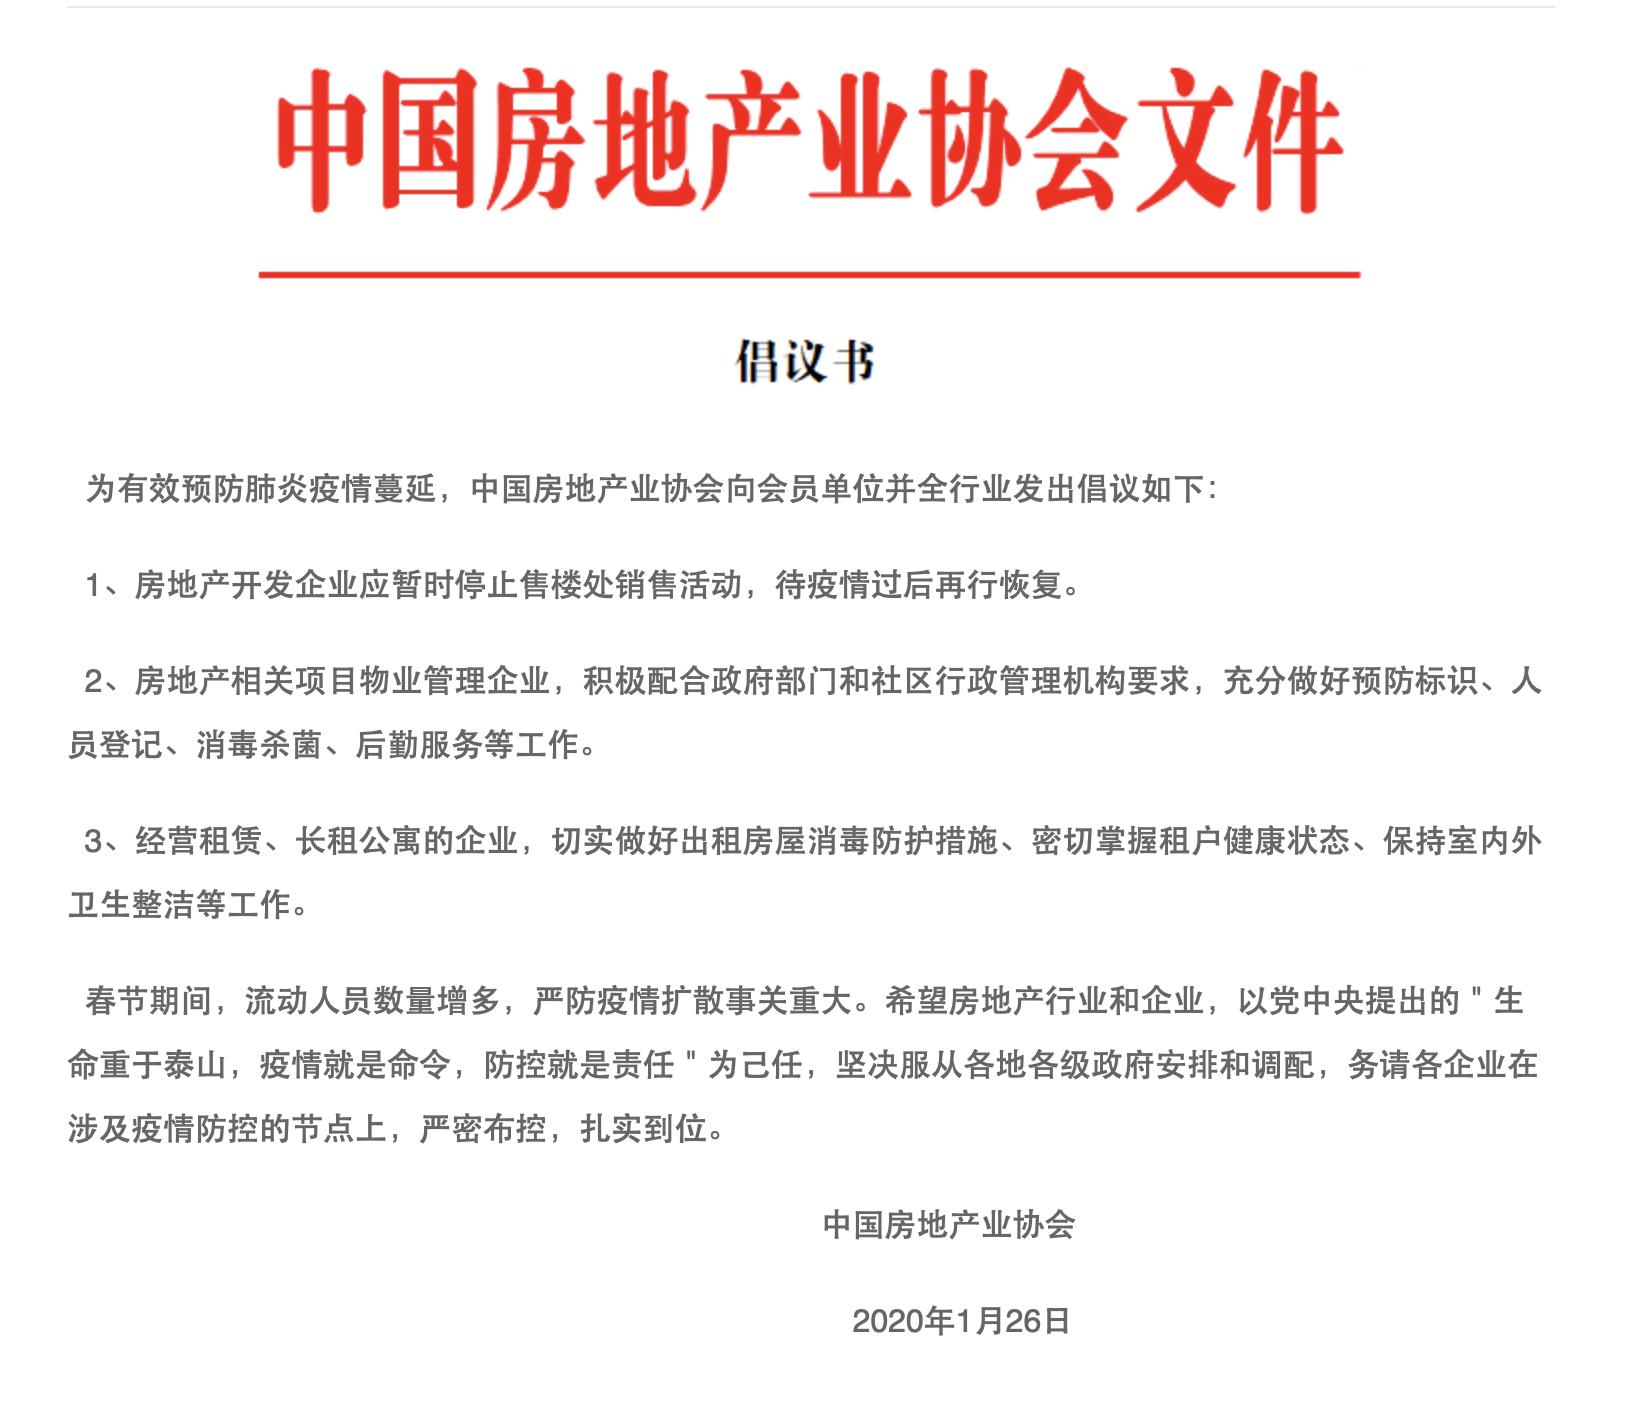 中国房地产业协会:房企应暂停售楼处销售,待疫情过后再恢复